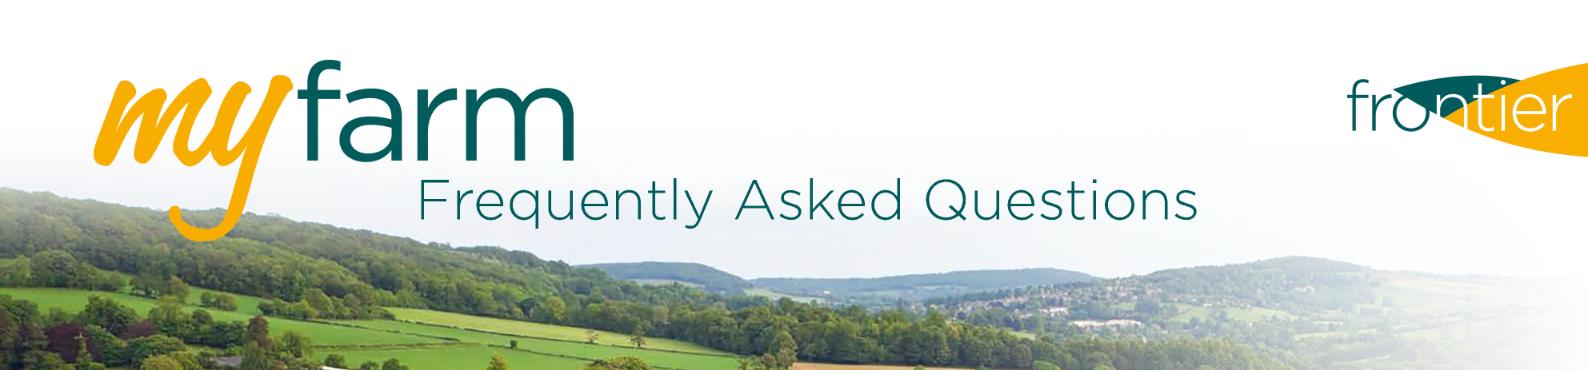 MyFarm FAQs webheader